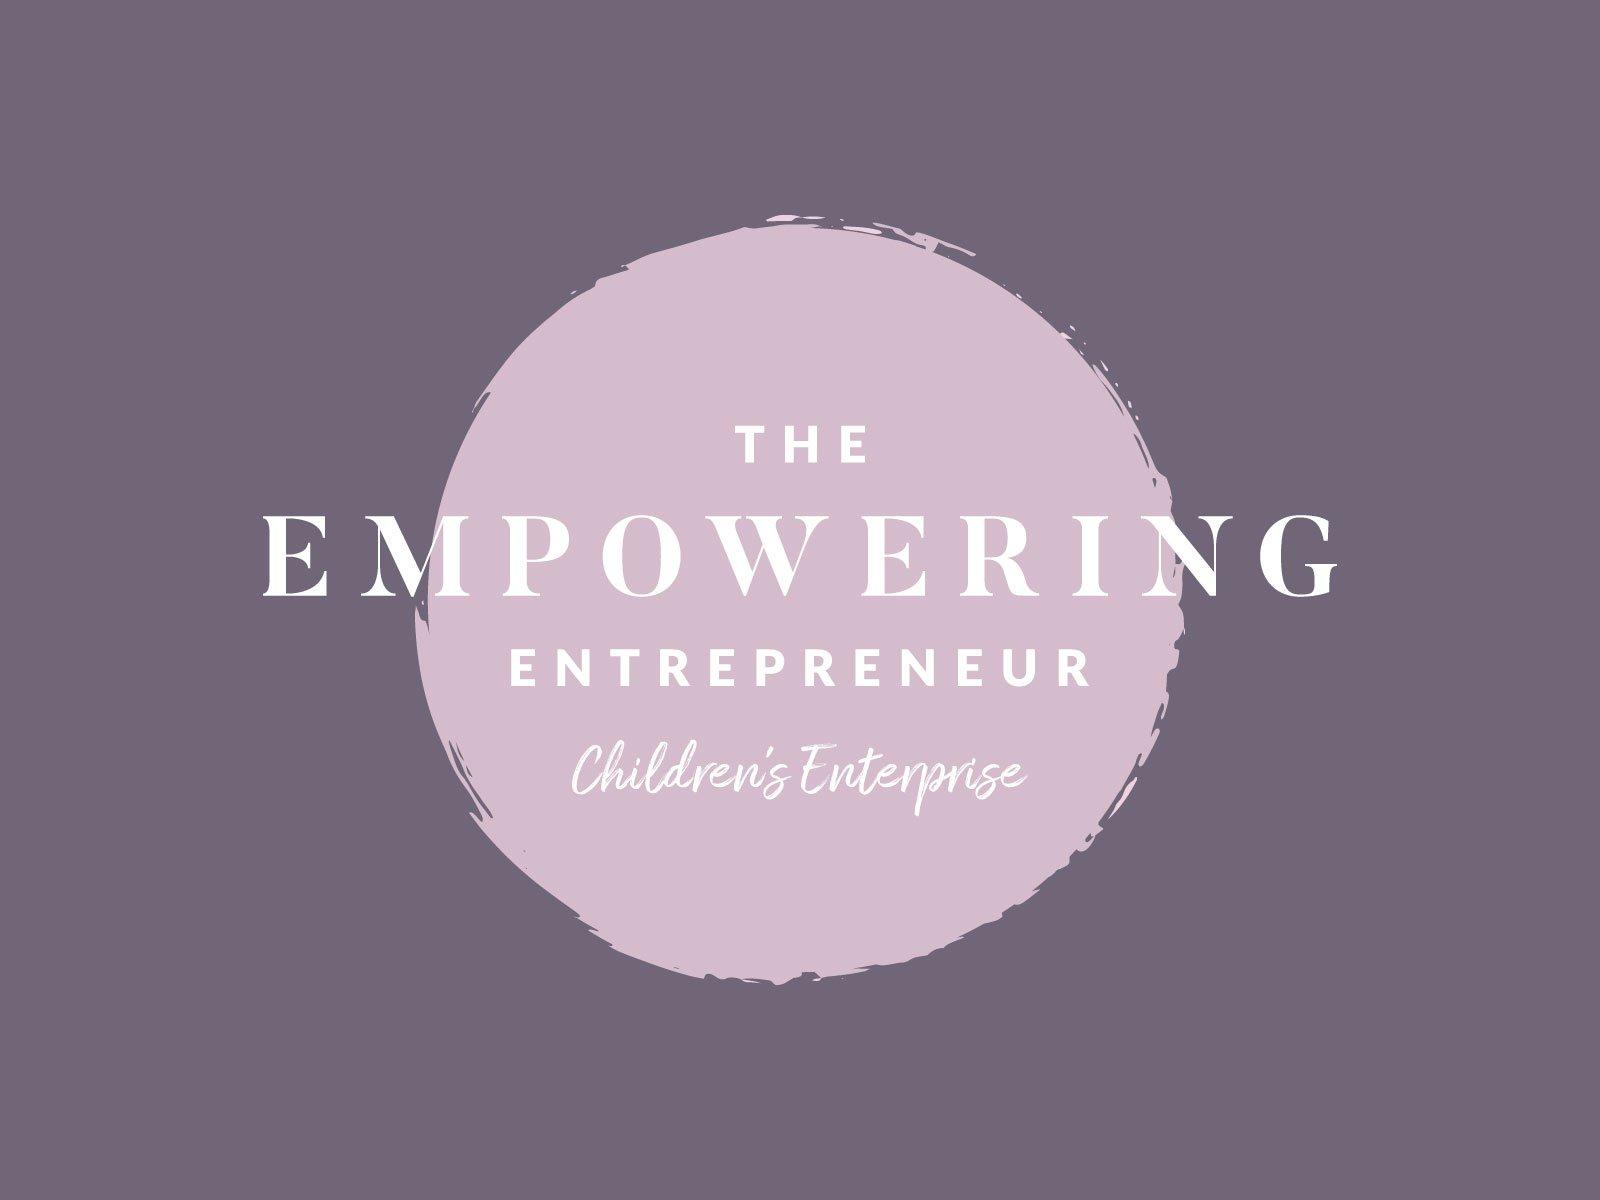 about michelle niziol childrens enterprise Female Entrepreneur